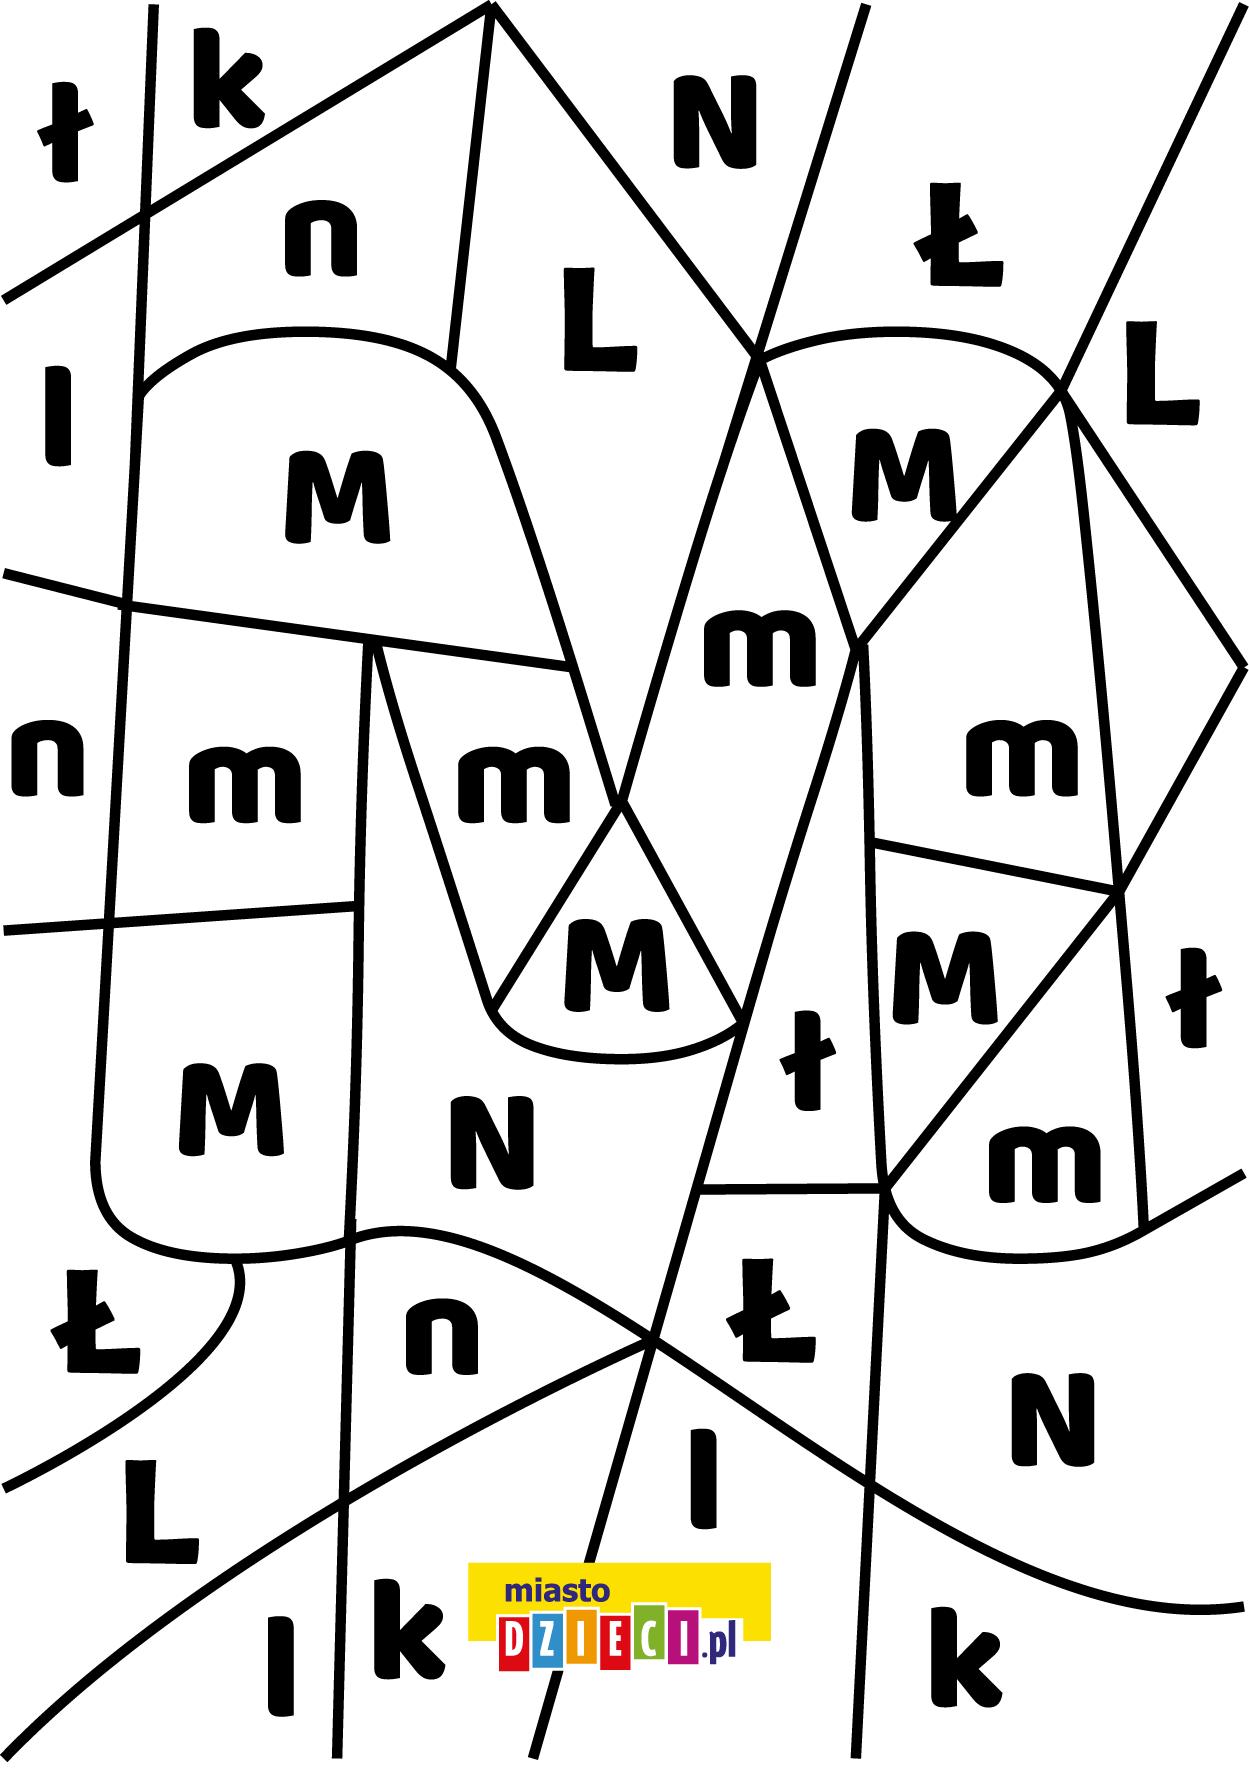 Darmowy Szablon Edukacyjny Literka M Znajdz Litere M W Miescie Dzieci Znajdziecie Takze Inne Arkusze Do Druku Z Cyframi I Literami Do Nauki Czytania D In 2020 Diagram